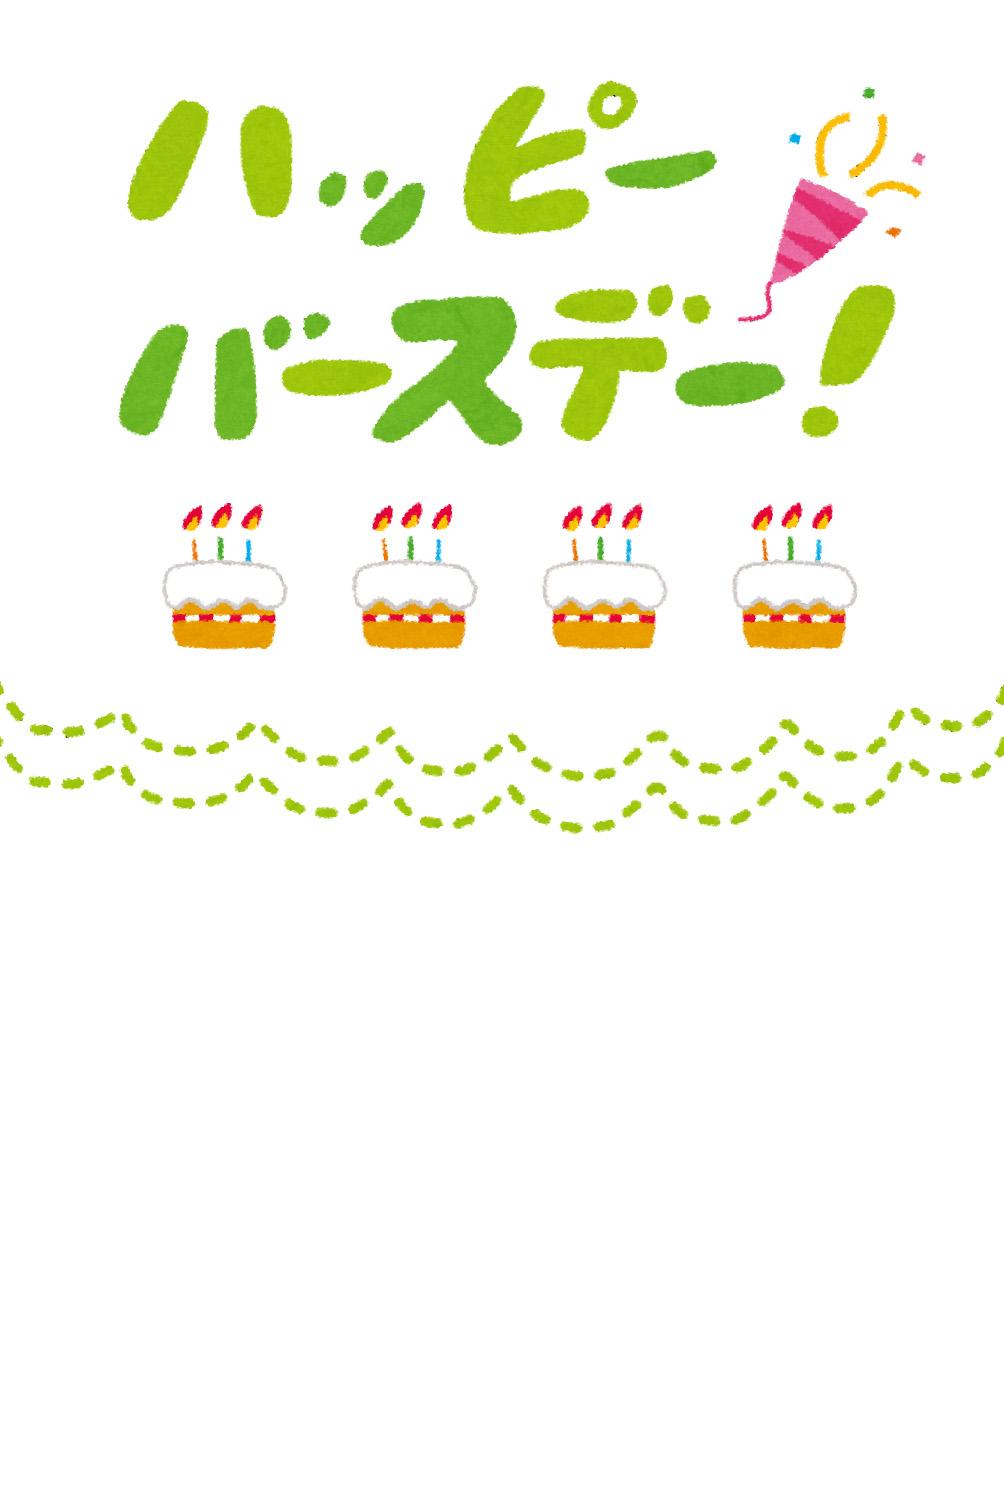 誕生日カードのテンプレート ... : 誕生日 メッセージ テンプレート 無料 : 無料